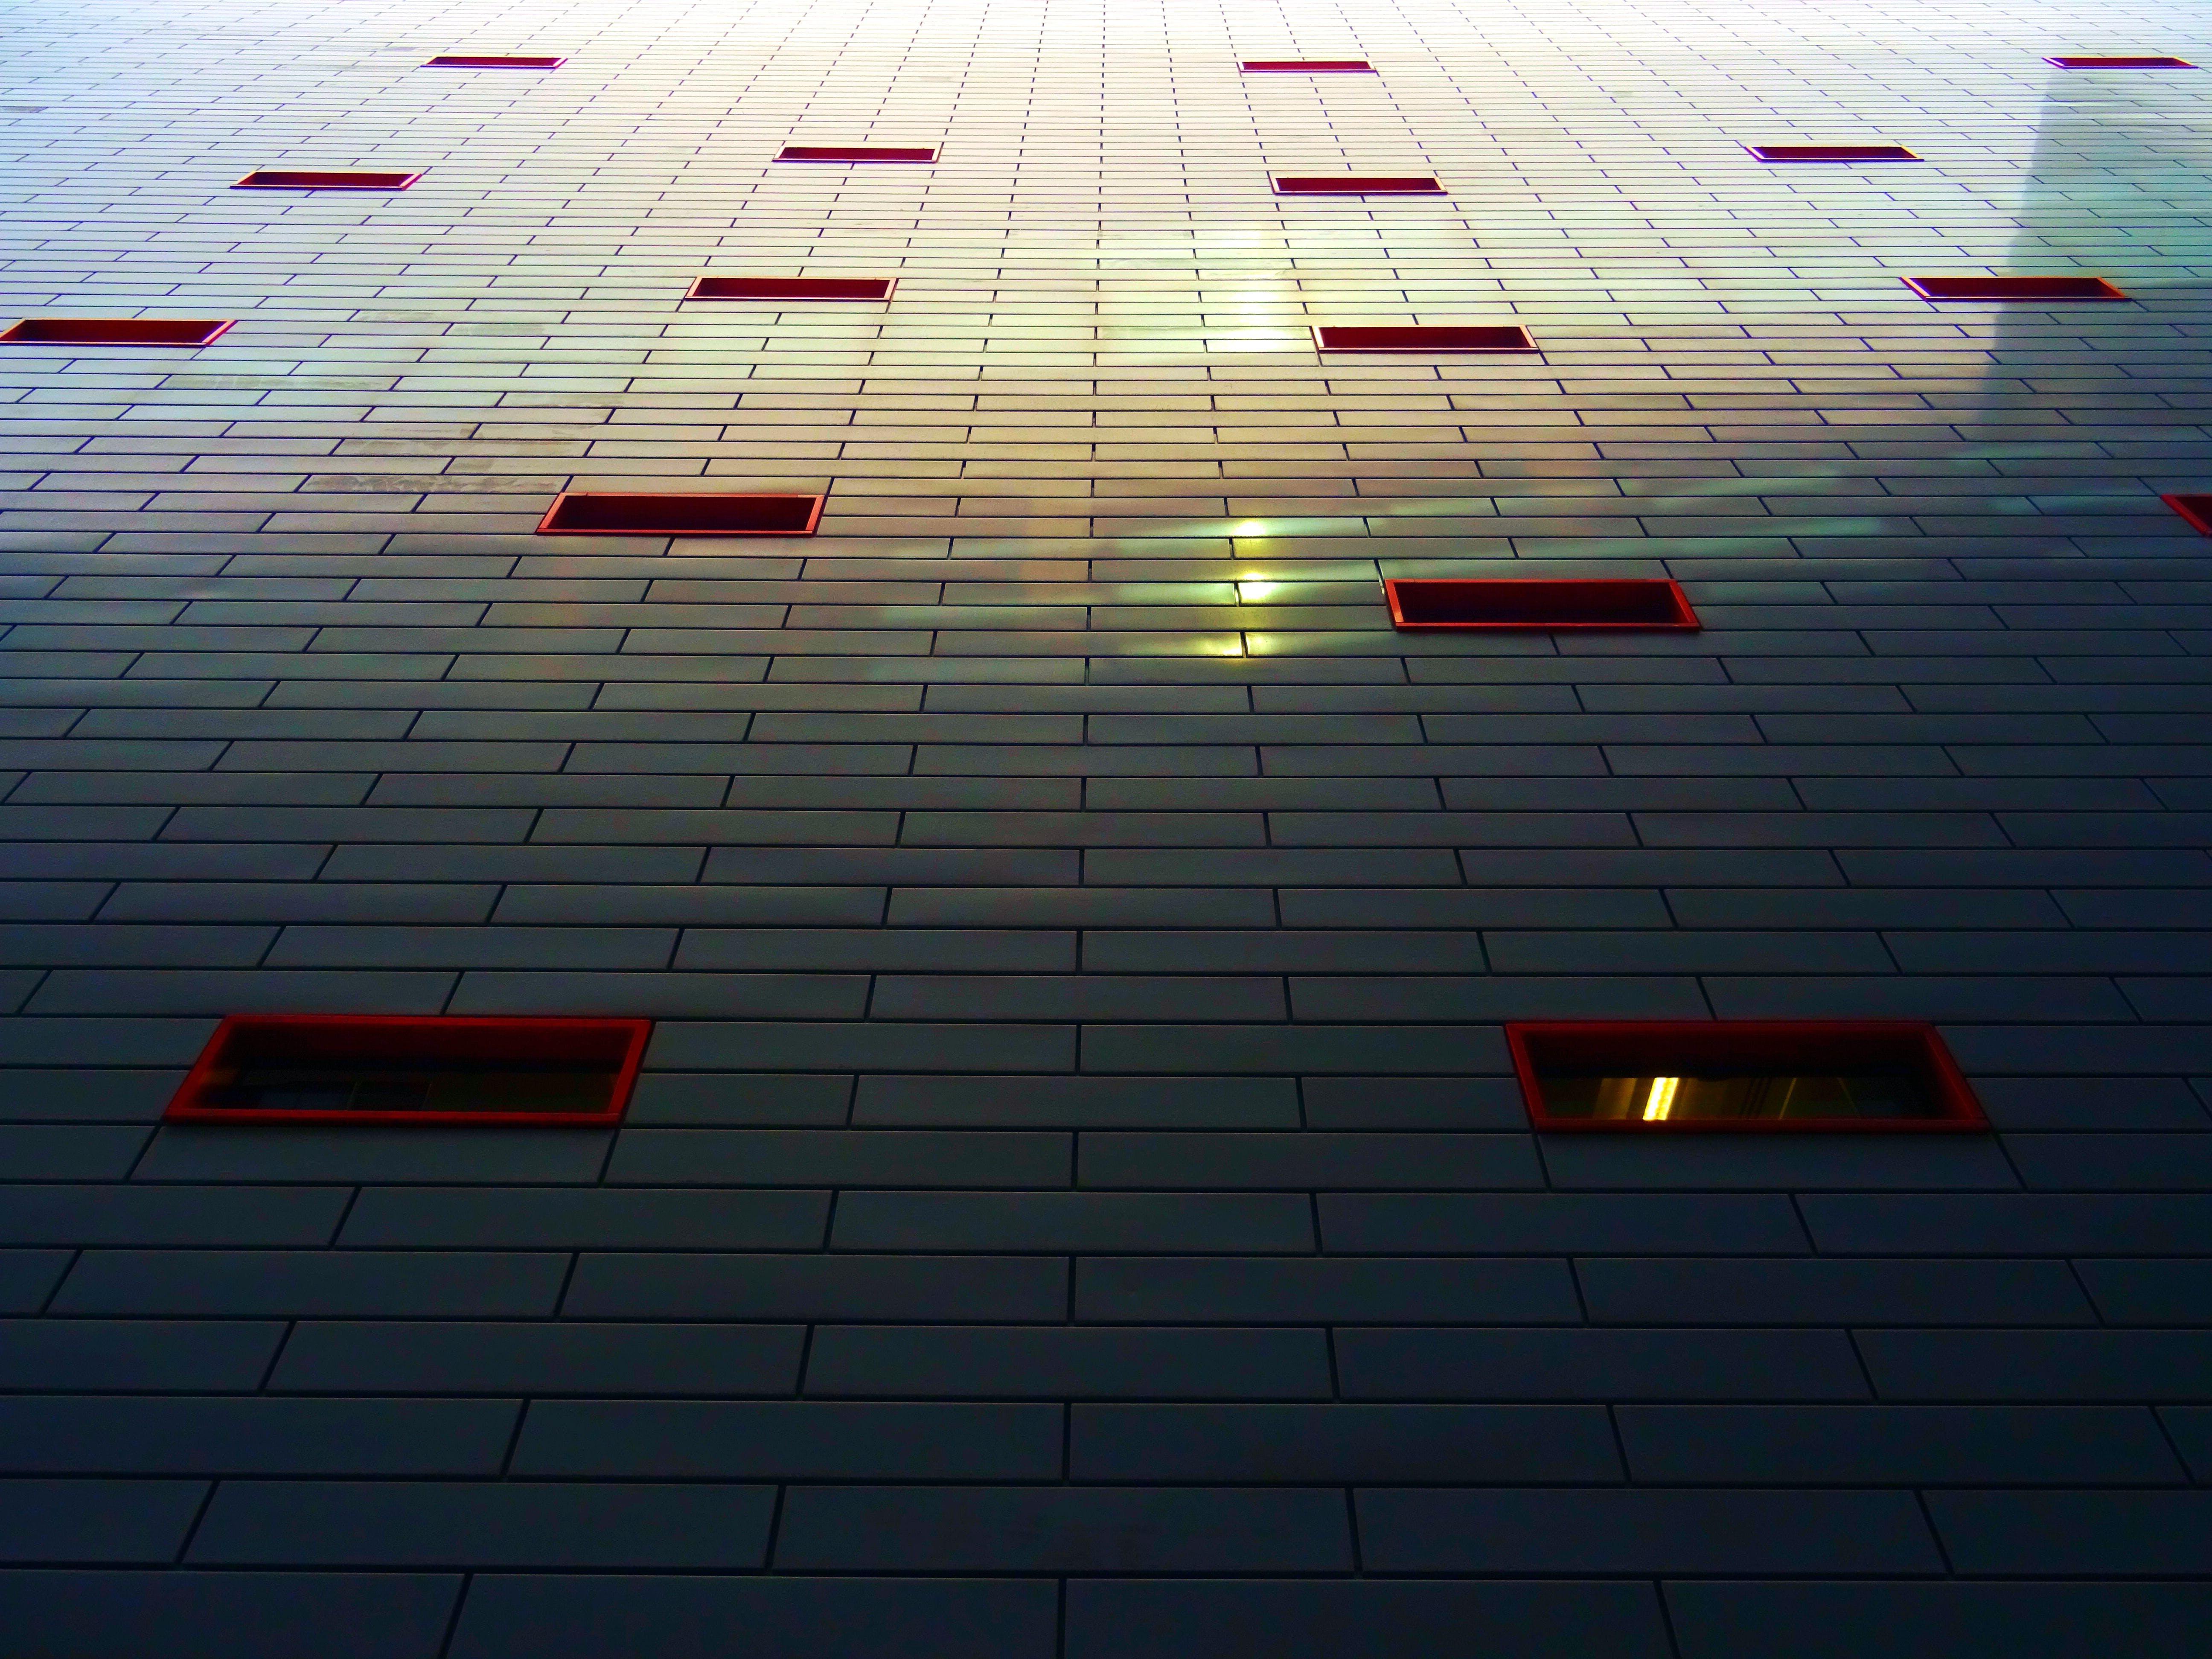 Kostenloses Stock Foto zu architektur, aufnahme von unten, design, farbe